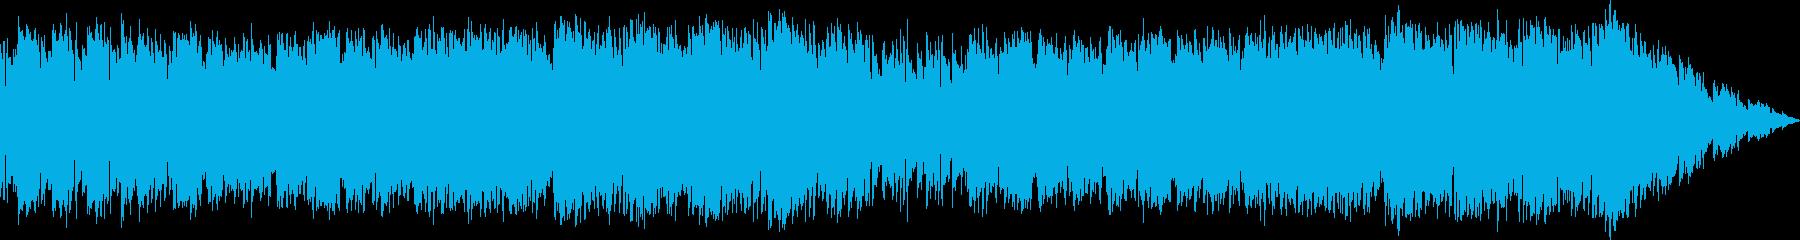 ファンタジーRPGのフィールドをイメー…の再生済みの波形